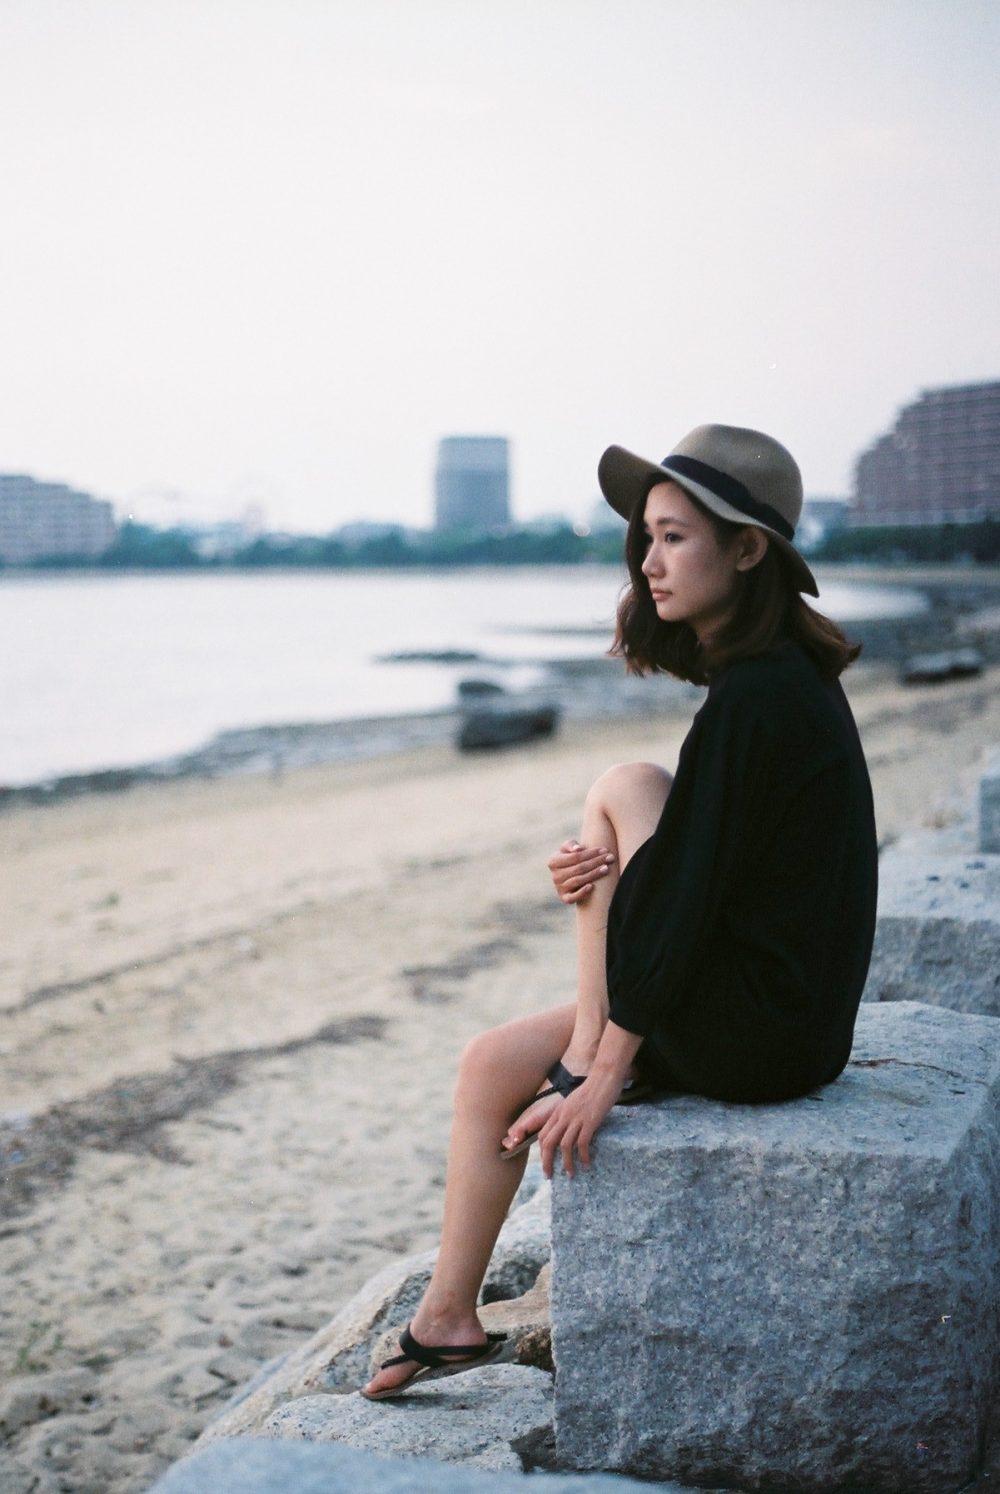 盛夏的味道 日本福冈 @武小懒w-菲林中文-独立胶片摄影门户!